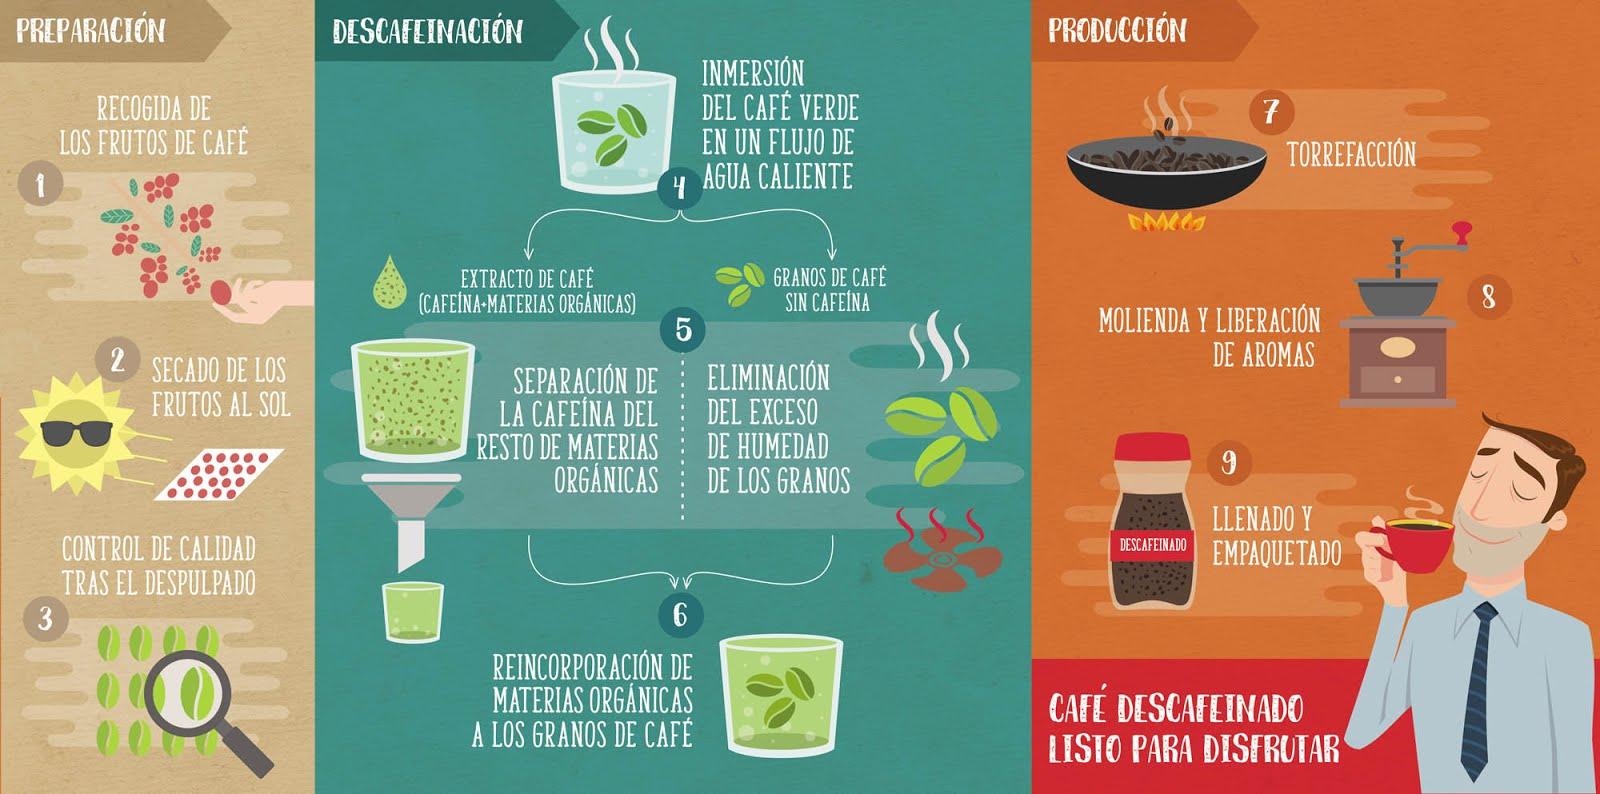 Preparación-eliminación de la  cafeína-tostado del café